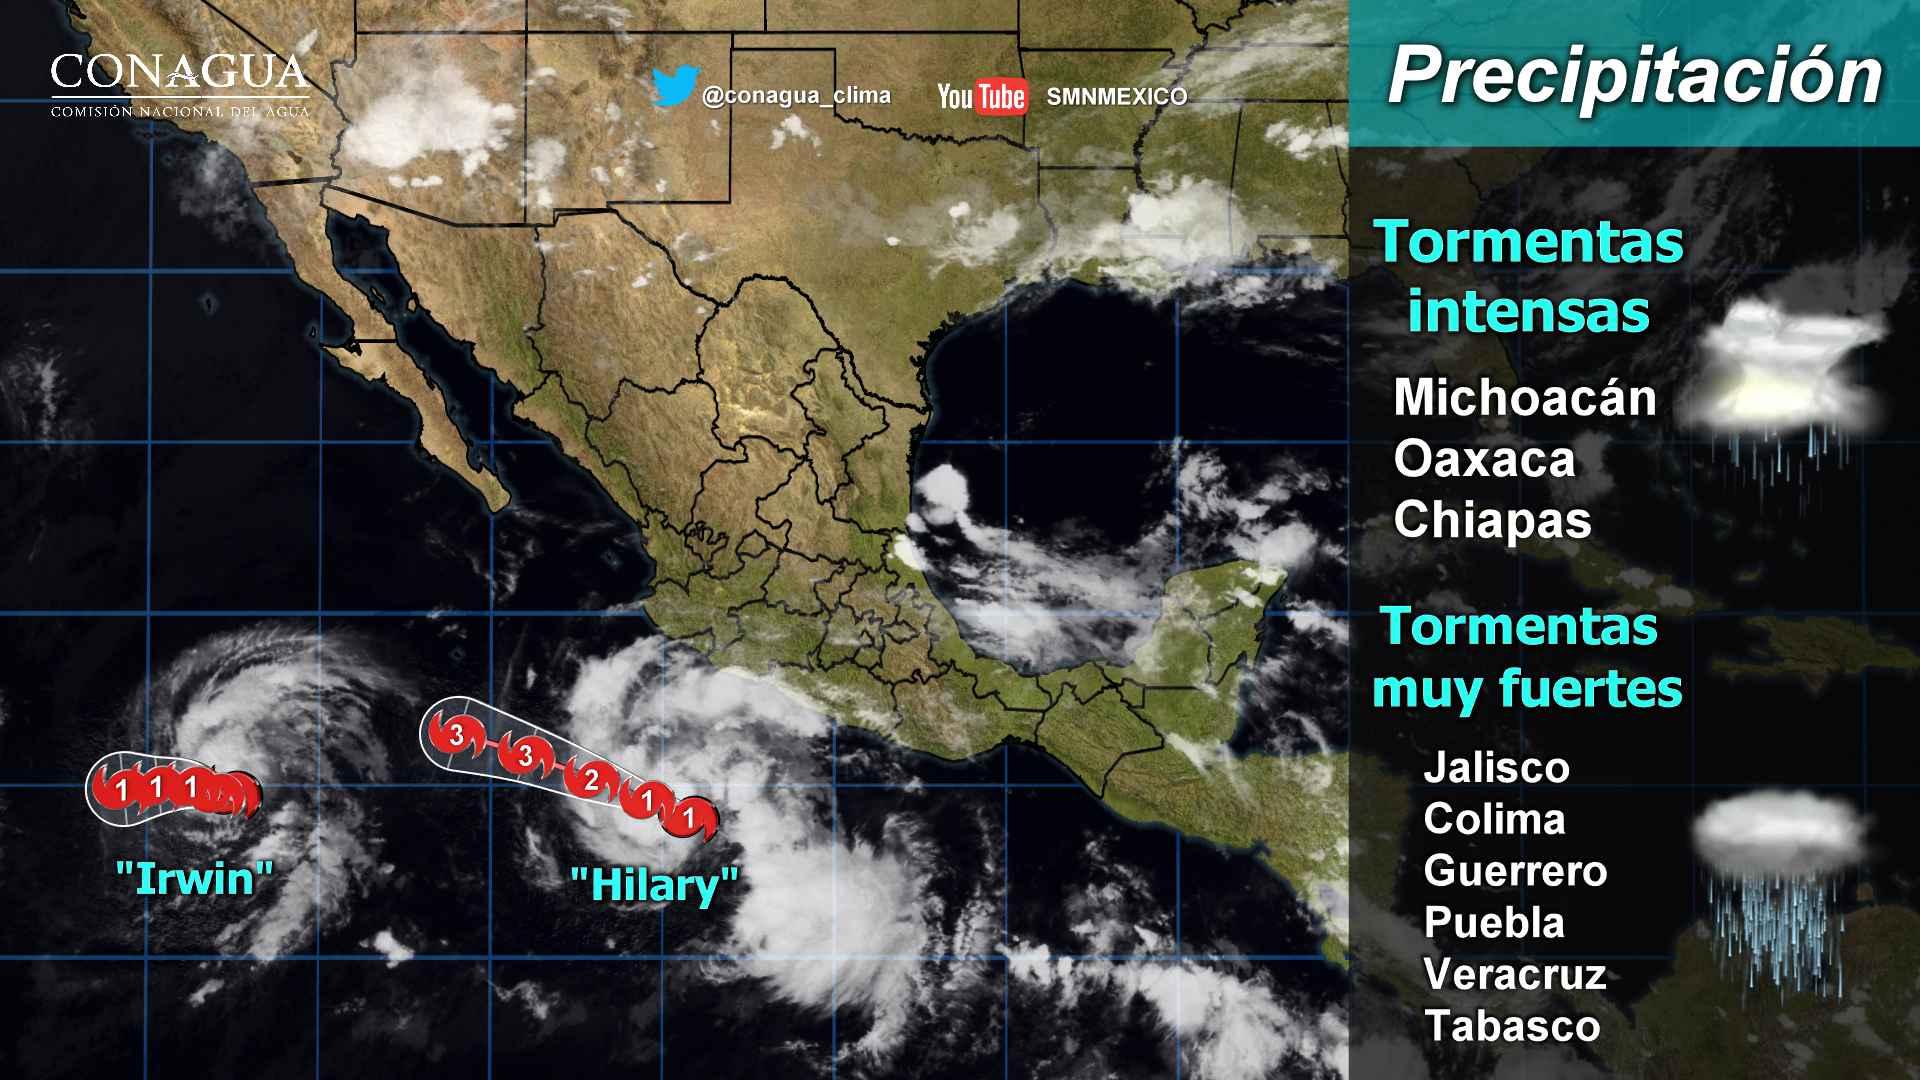 Vientos fuertes y oleaje elevado se prevén en Jalisco, Colima, Michoacán y Guerrero, debido a Hilary